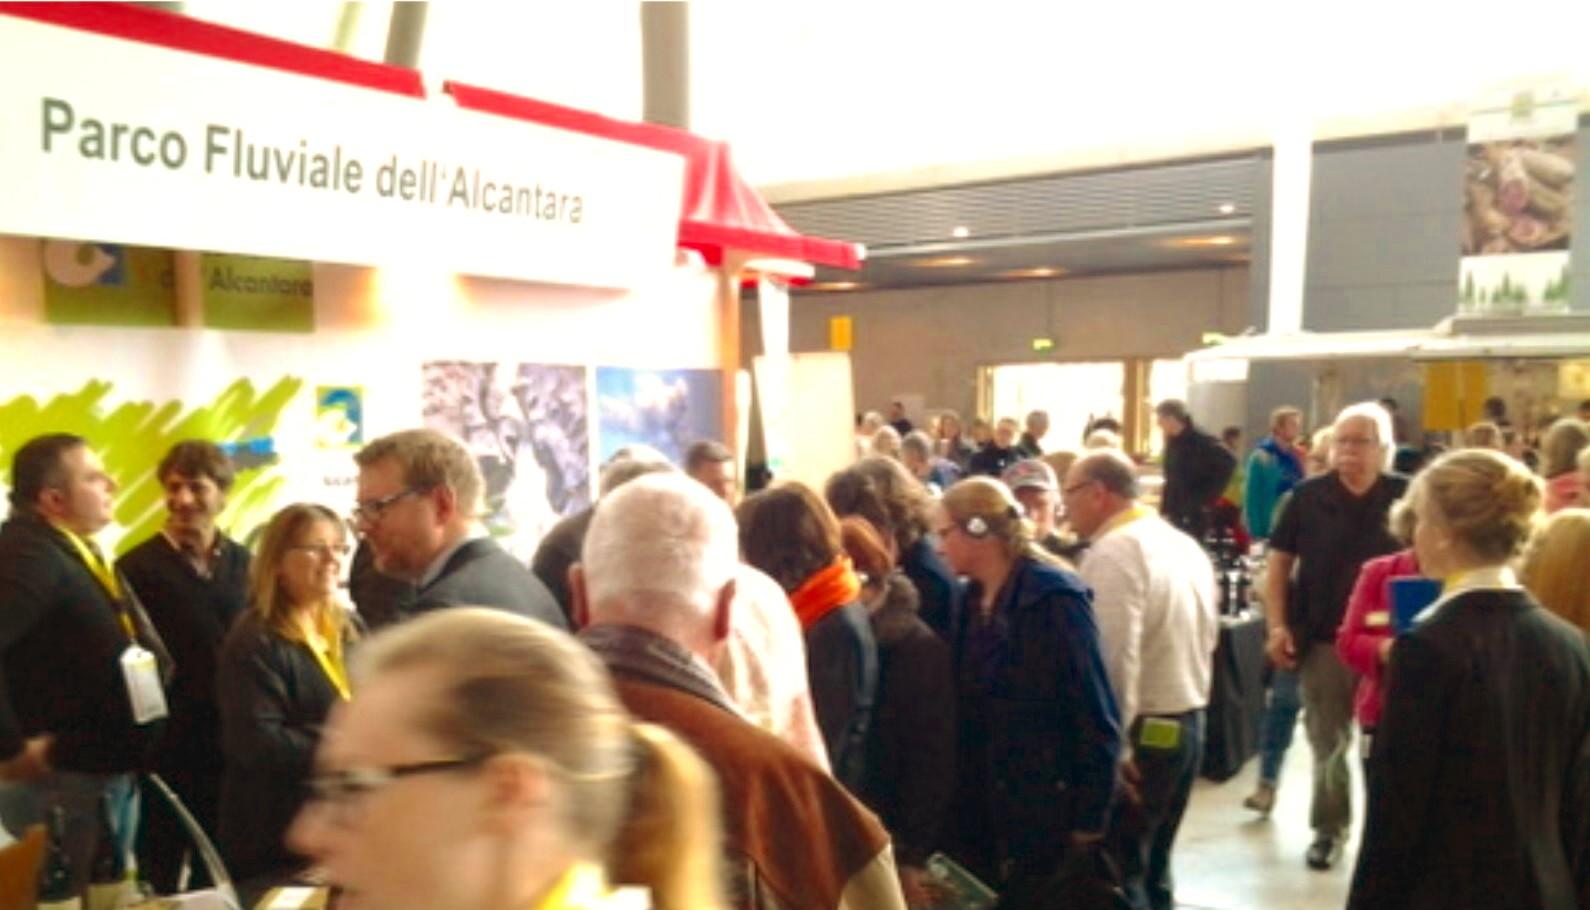 """Parco Fluviale dell'Alcantara alla """"Fiera Slow Food"""" di Stoccarda: bilancio positivo per venti aziende"""